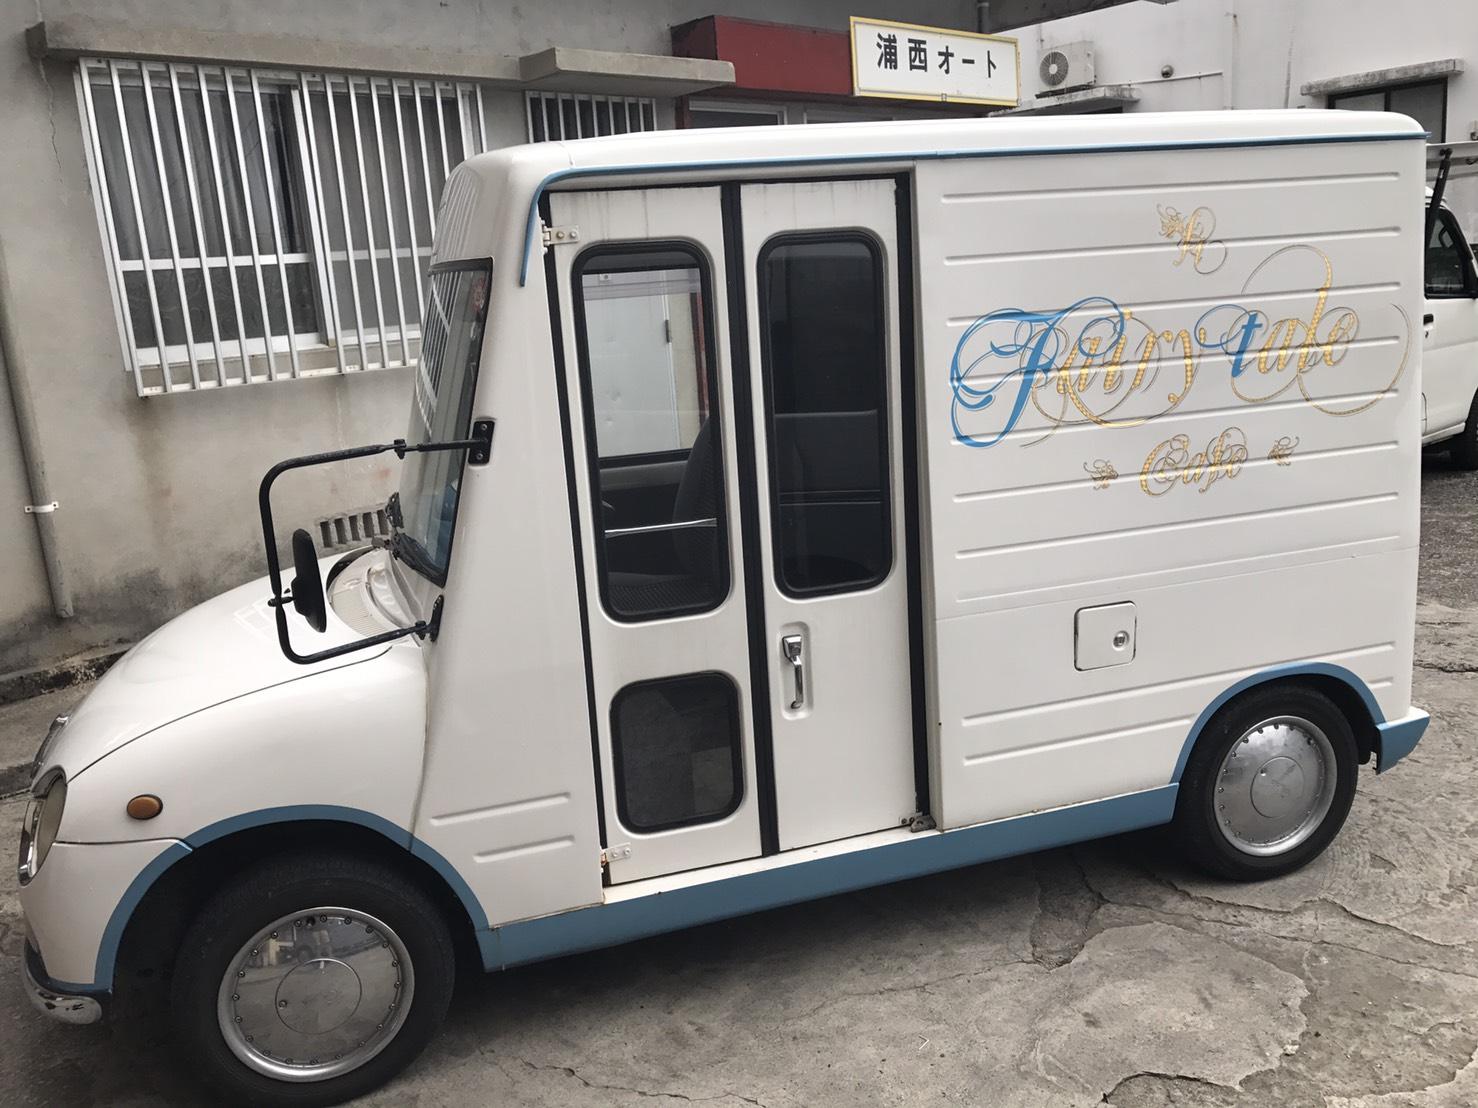 沖縄で売りに出ているウォークスルーバンの移動販売車